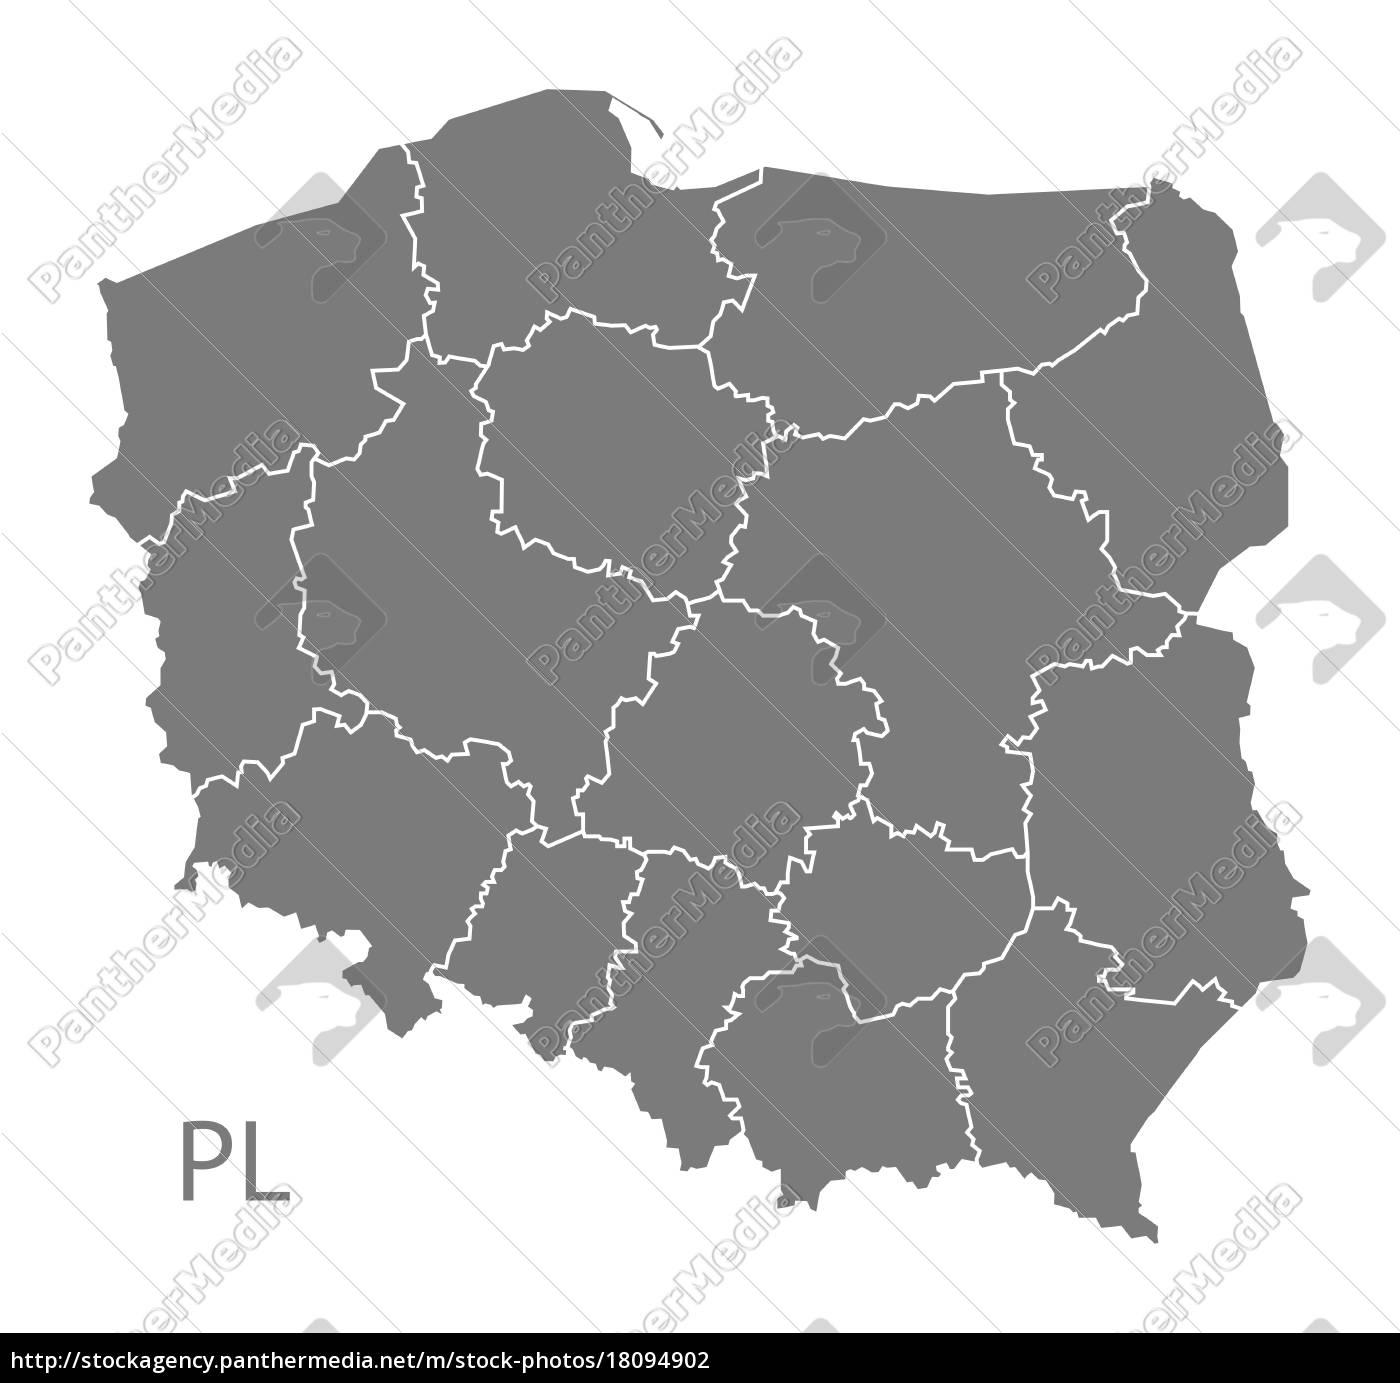 polen, karte, mit, den, regionen, grau - 18094902